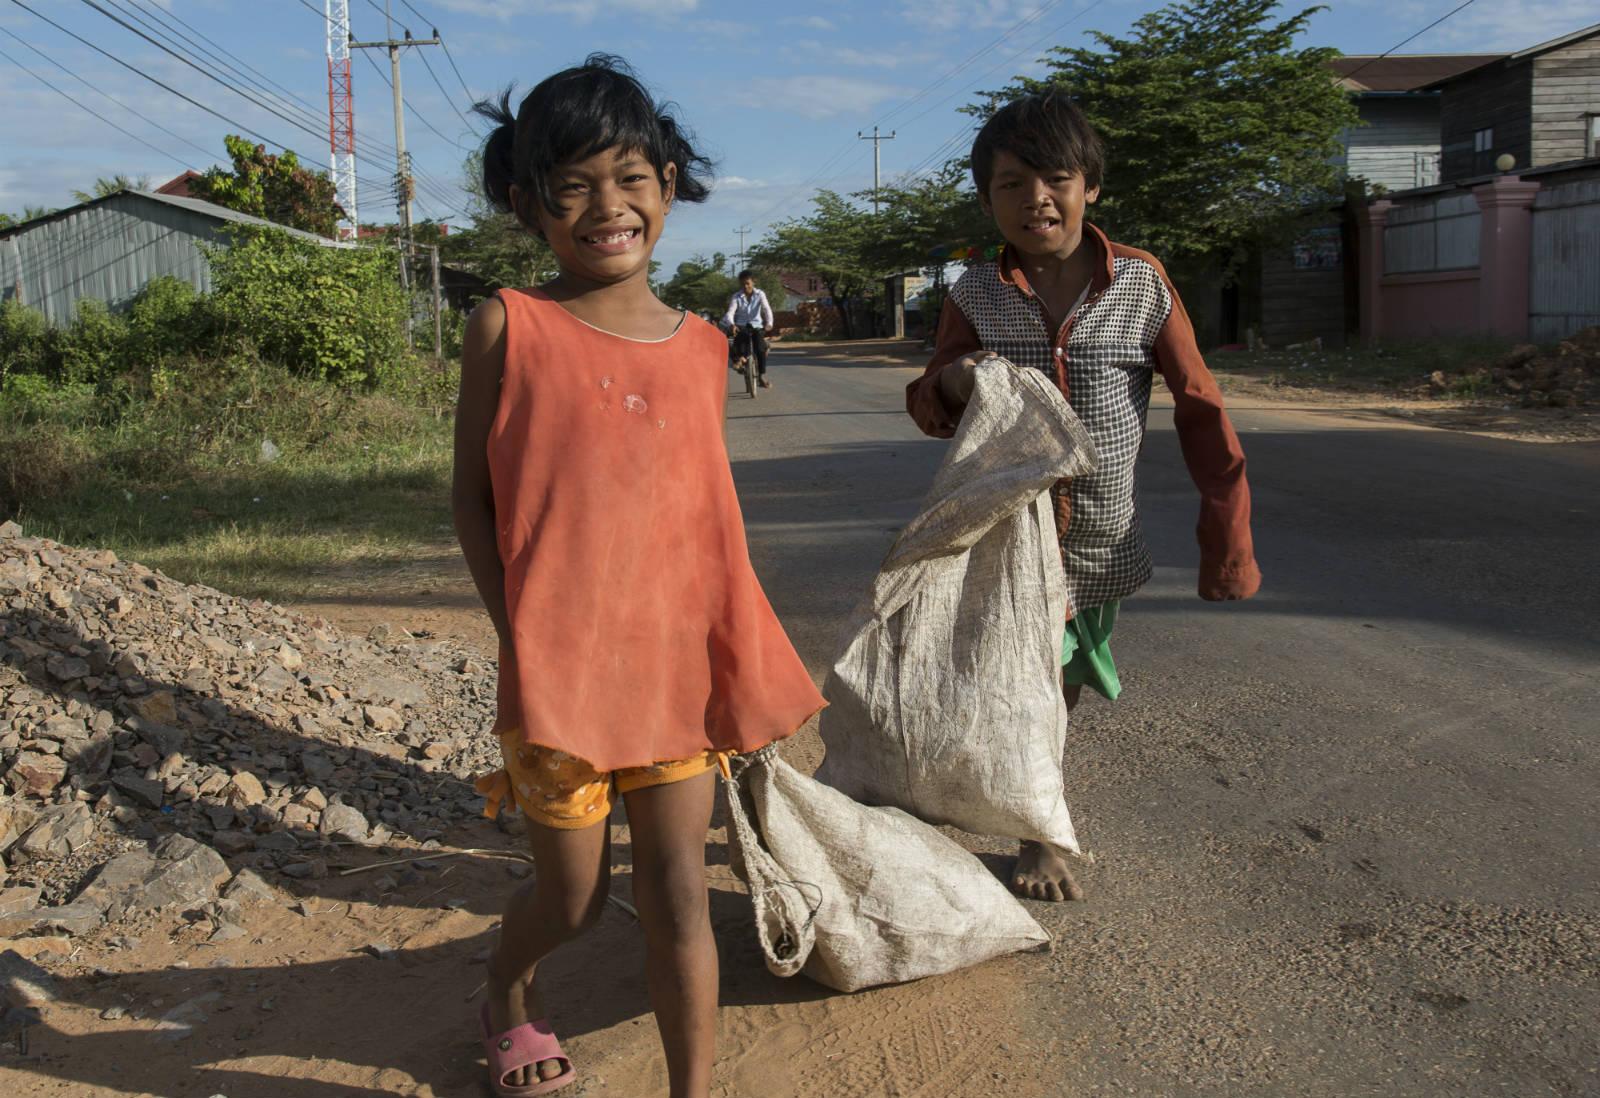 為了生存,小小的孩童也需要在街頭打滾。圖為小孩在撿破爛以換取金錢。